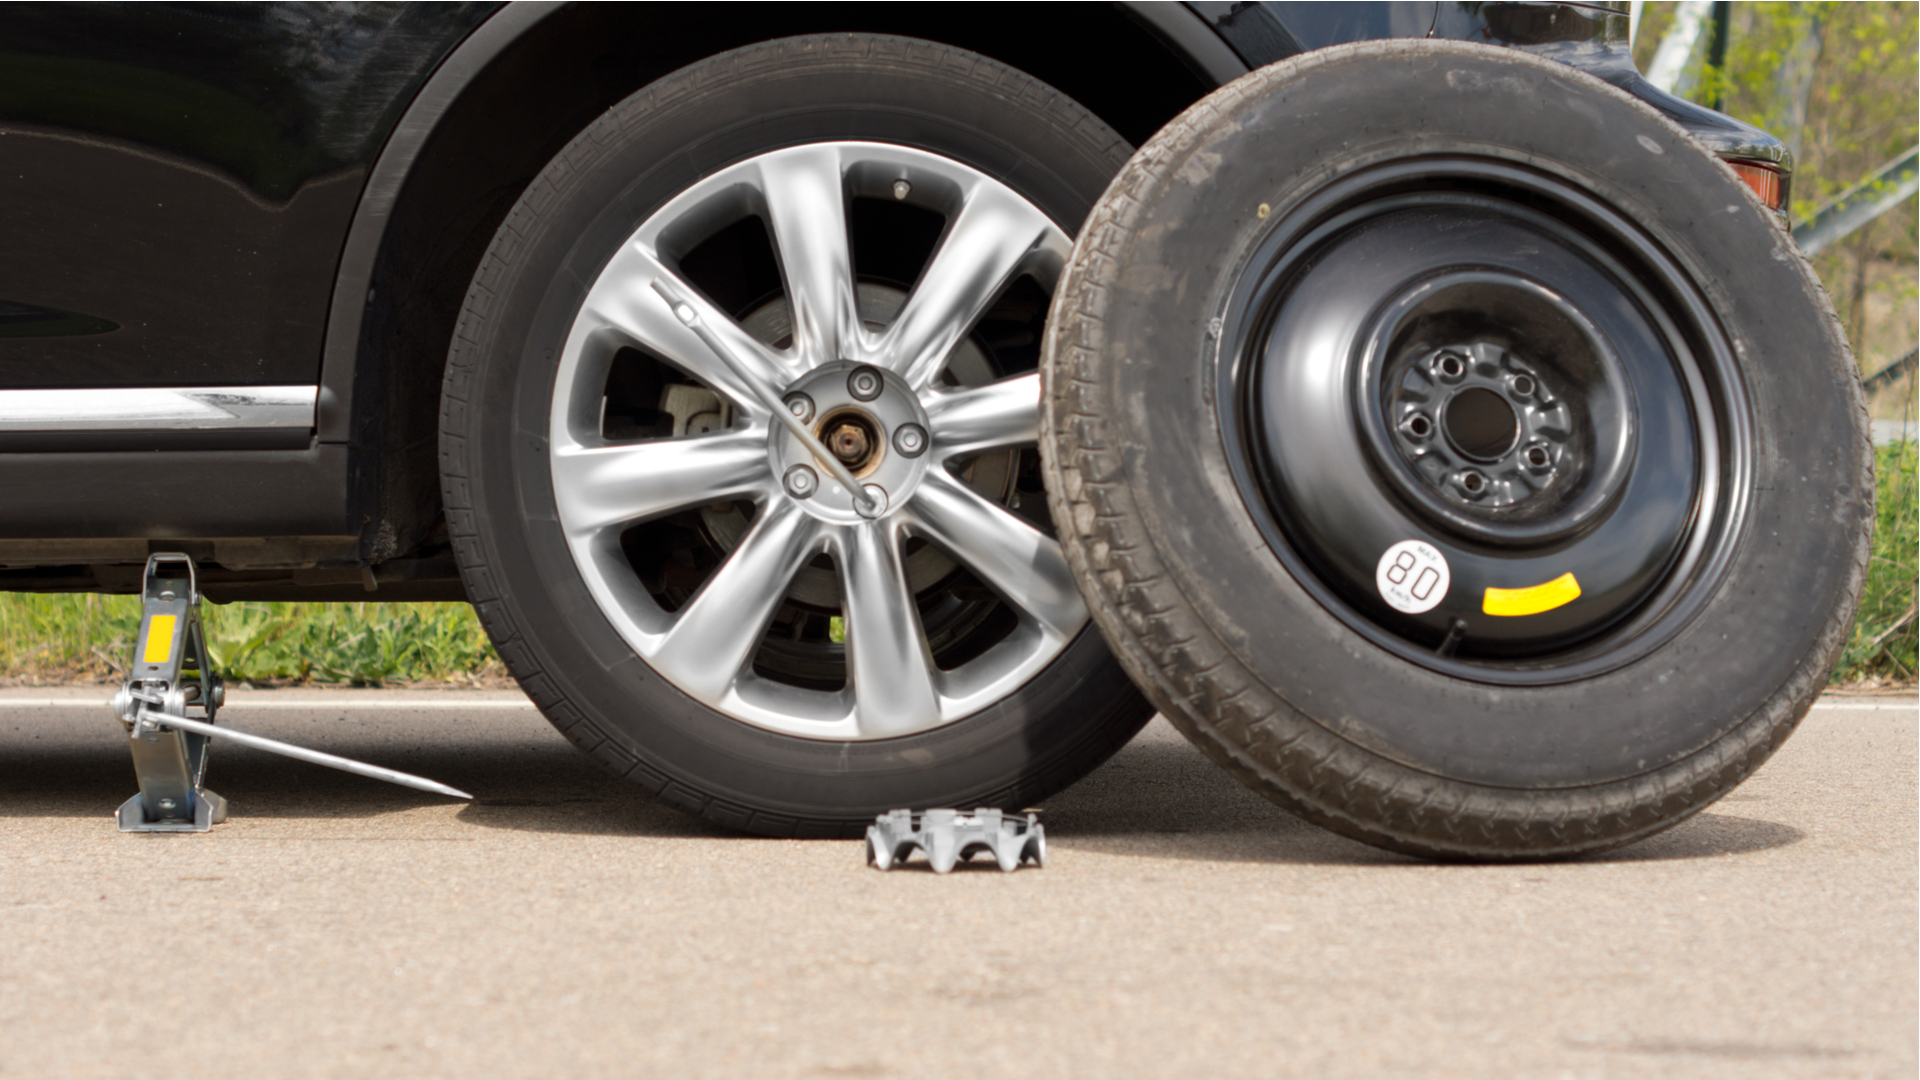 estepe de emergencia do carro pneu fino shutterstock 192422609